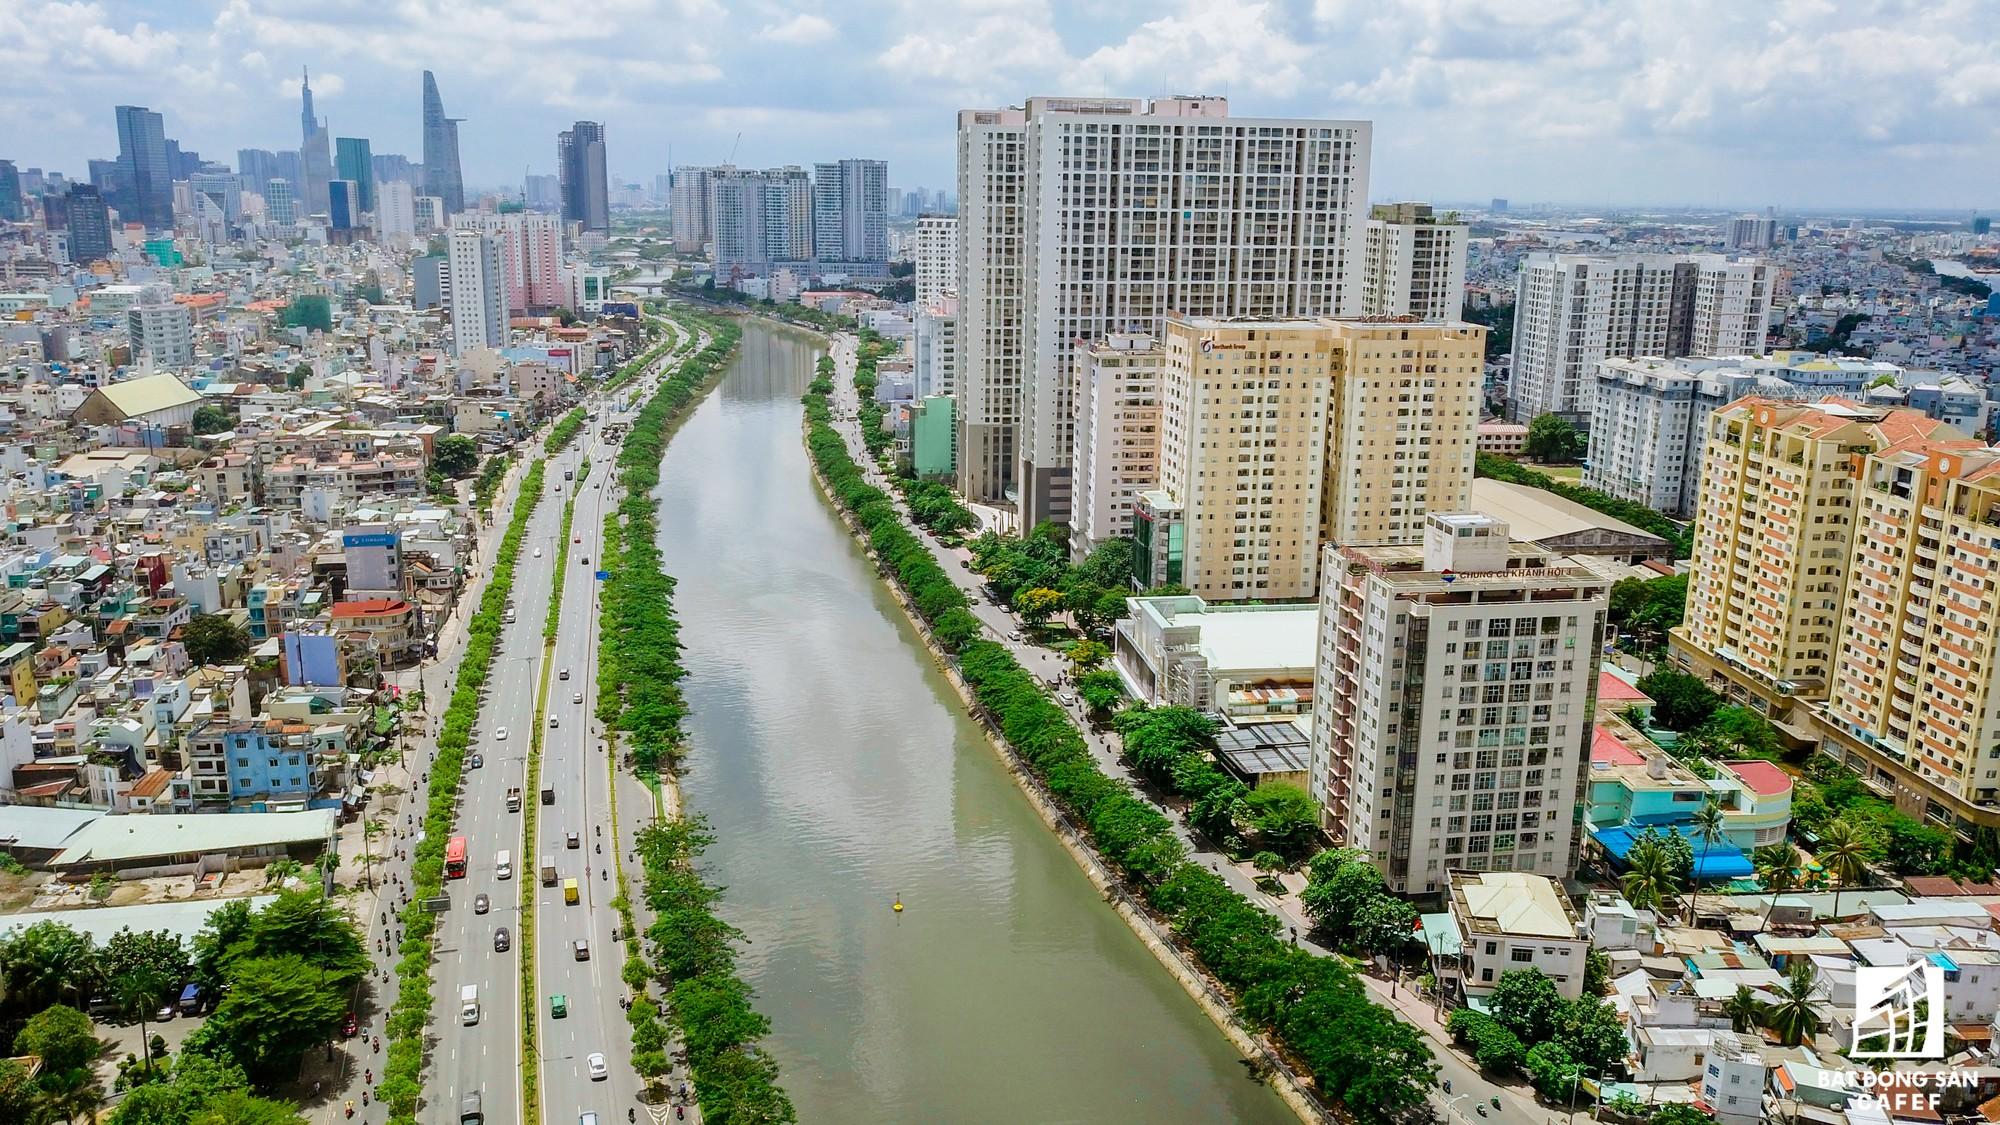 Khan hiếm nguồn cung, nhà đất Bến Vân Đồn Sài Gòn thiết lập mặt bằng giá mới - Ảnh 3.